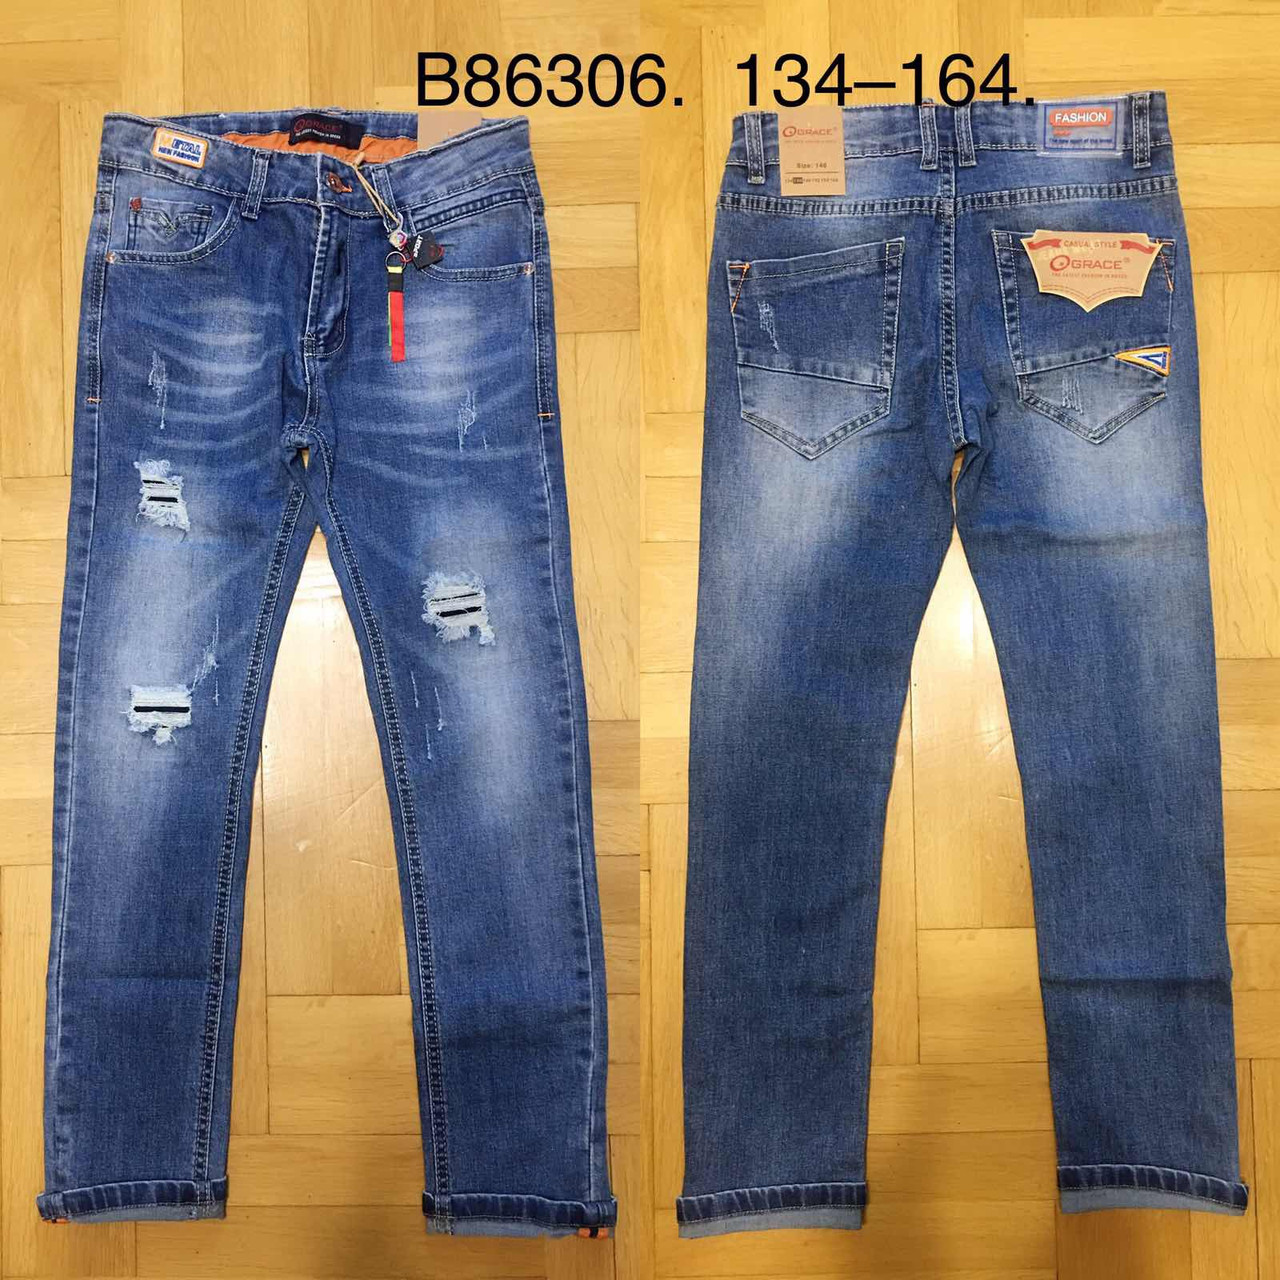 Джинсовые брюки для мальчиков Grace, 134-164 pp. Артикул: B86306